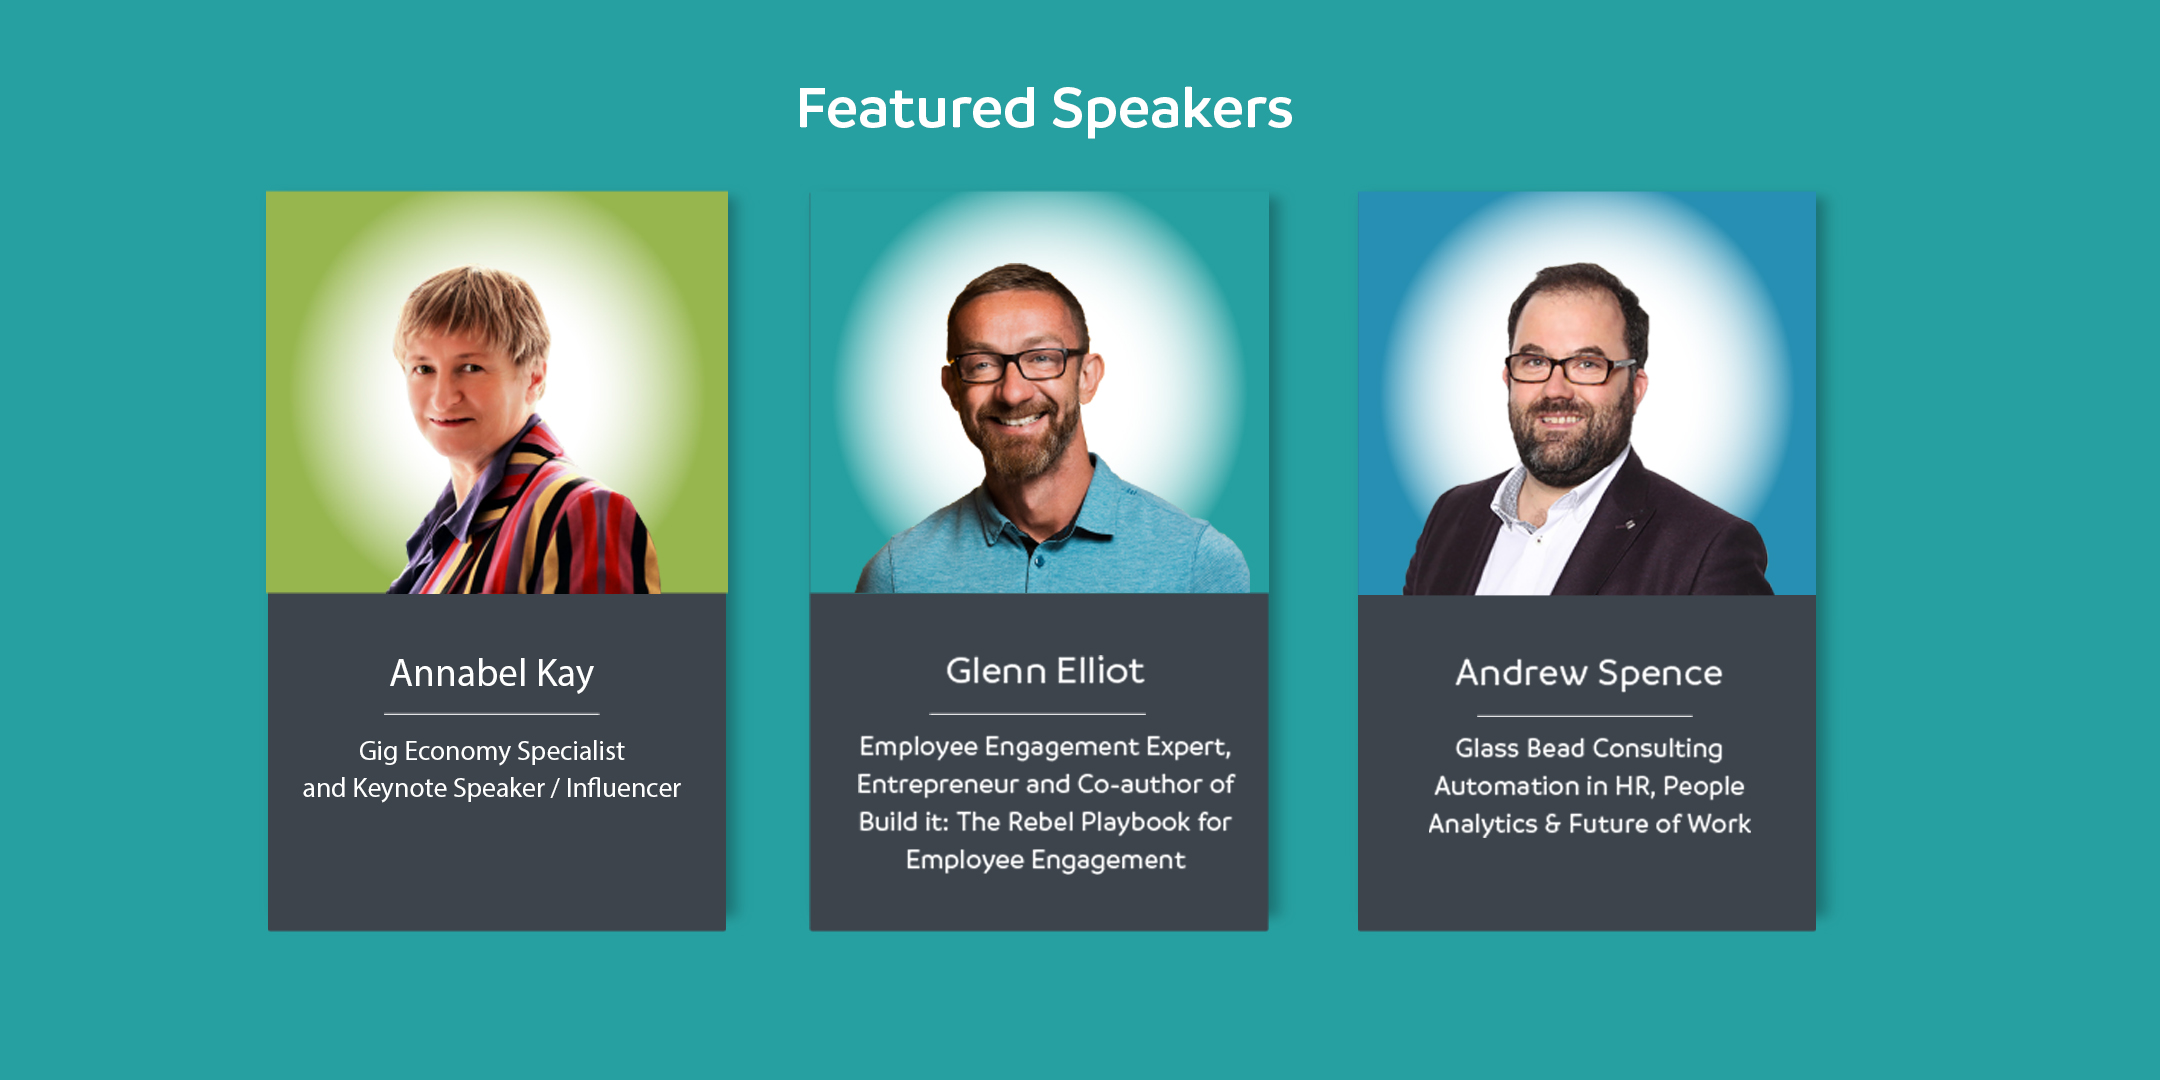 Speakers: Annabel Kay Glenn Elliot and Andrew Spence